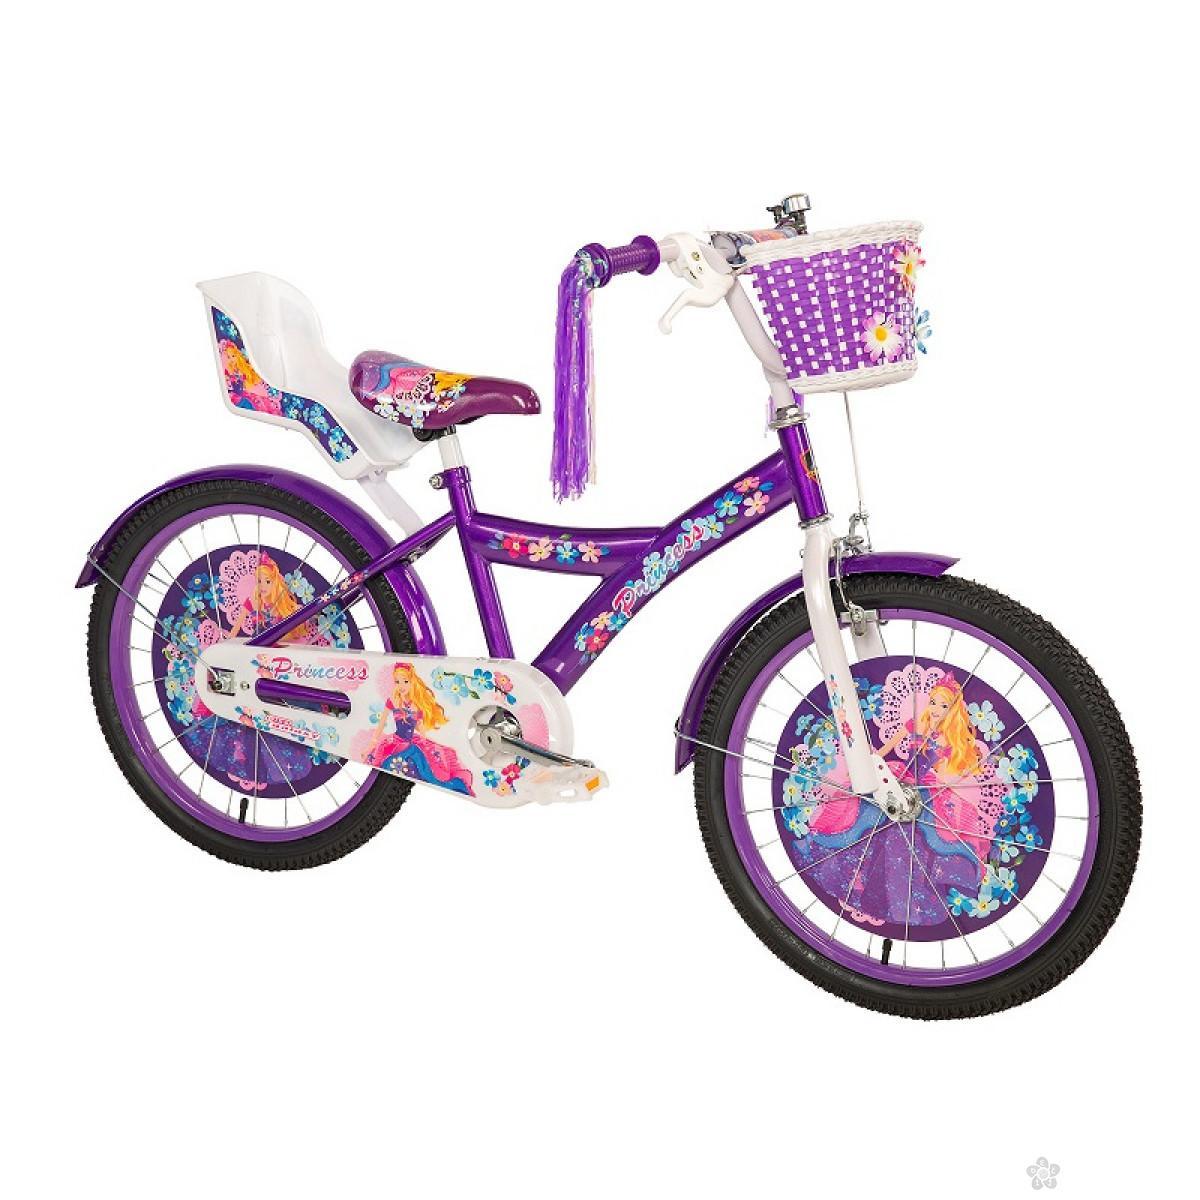 Dečiji Bicikl Princess 20 ljubičasta/bela, 460124